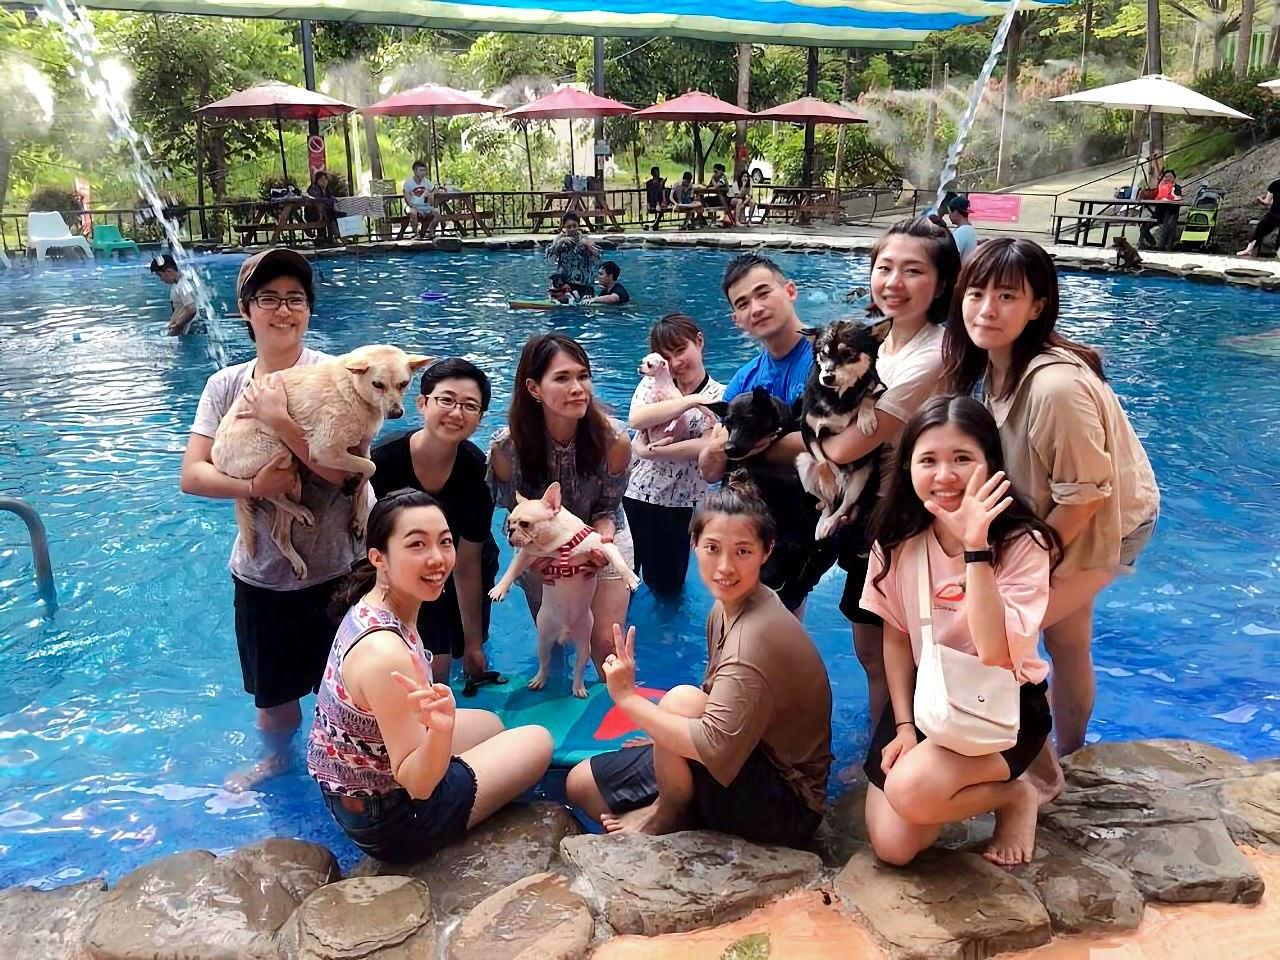 帶寵物❄清涼一夏|台南萌星人友善景點懶人包全攻略|特輯